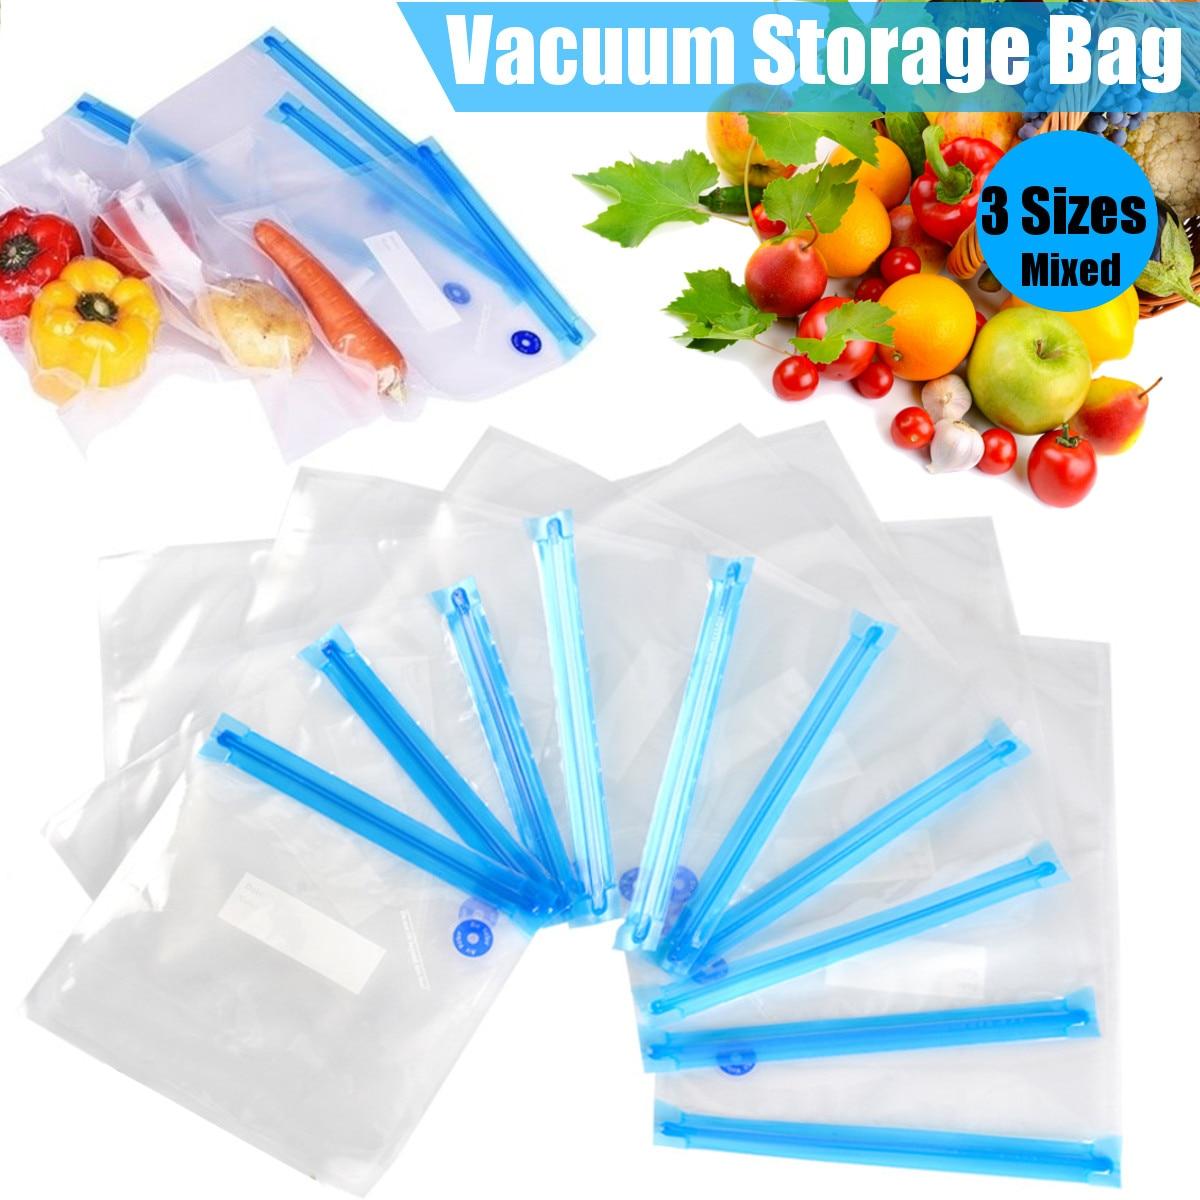 10pcs Handy Portable Sealing Food Vacuum Sealer Bag Machine Kitchen Always Fresh Seal Vac Heat Sealing Machine Food Preservation